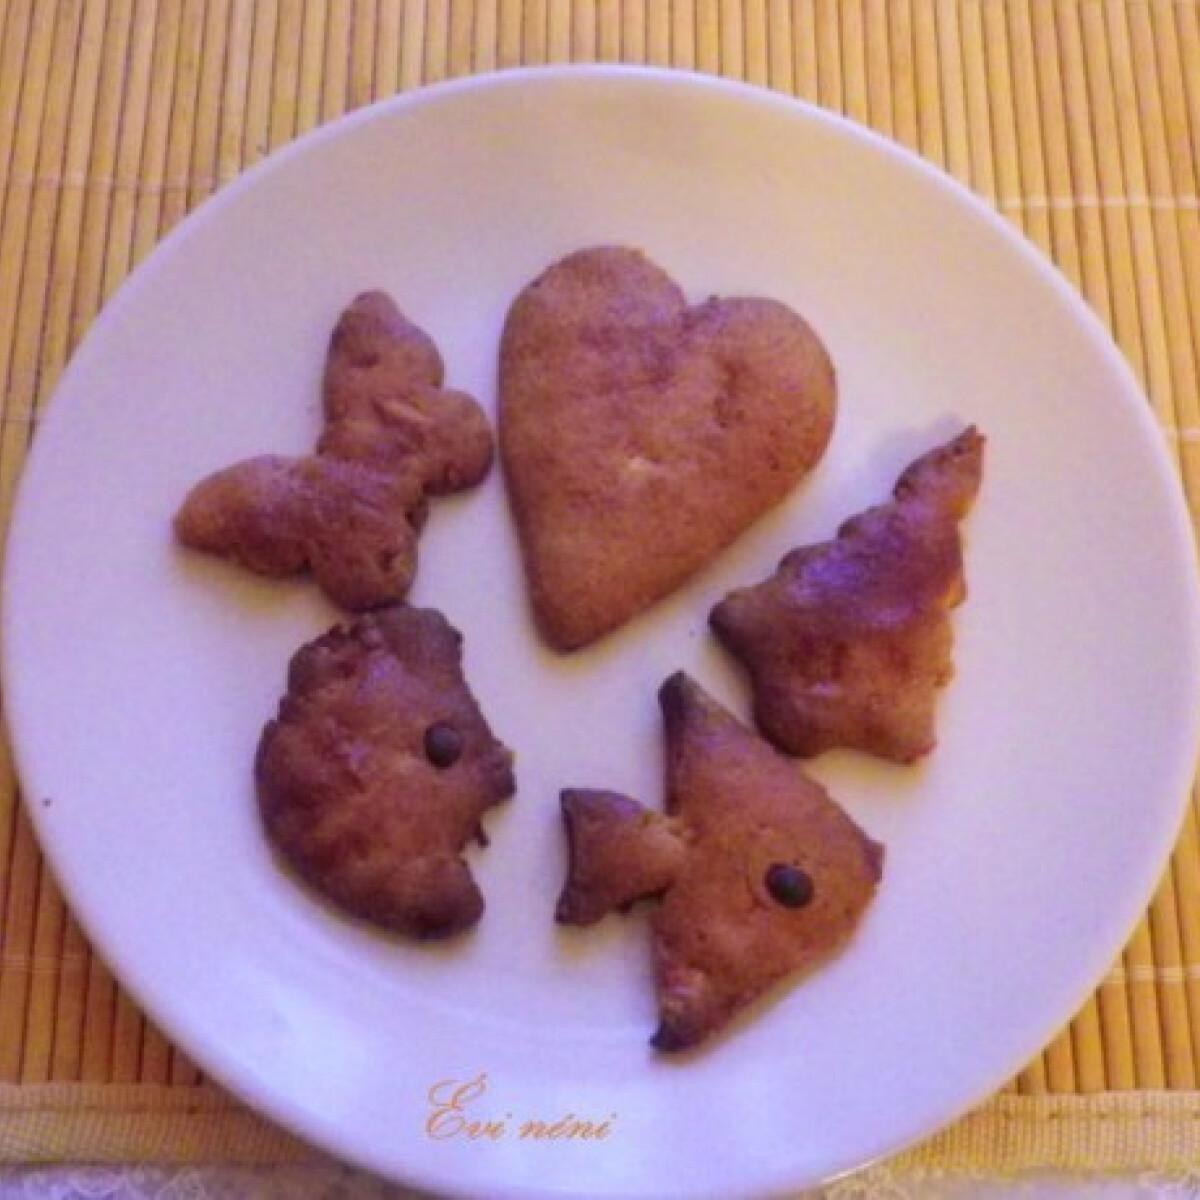 Ezen a képen: Mézeskalács Évi néni konyhájából